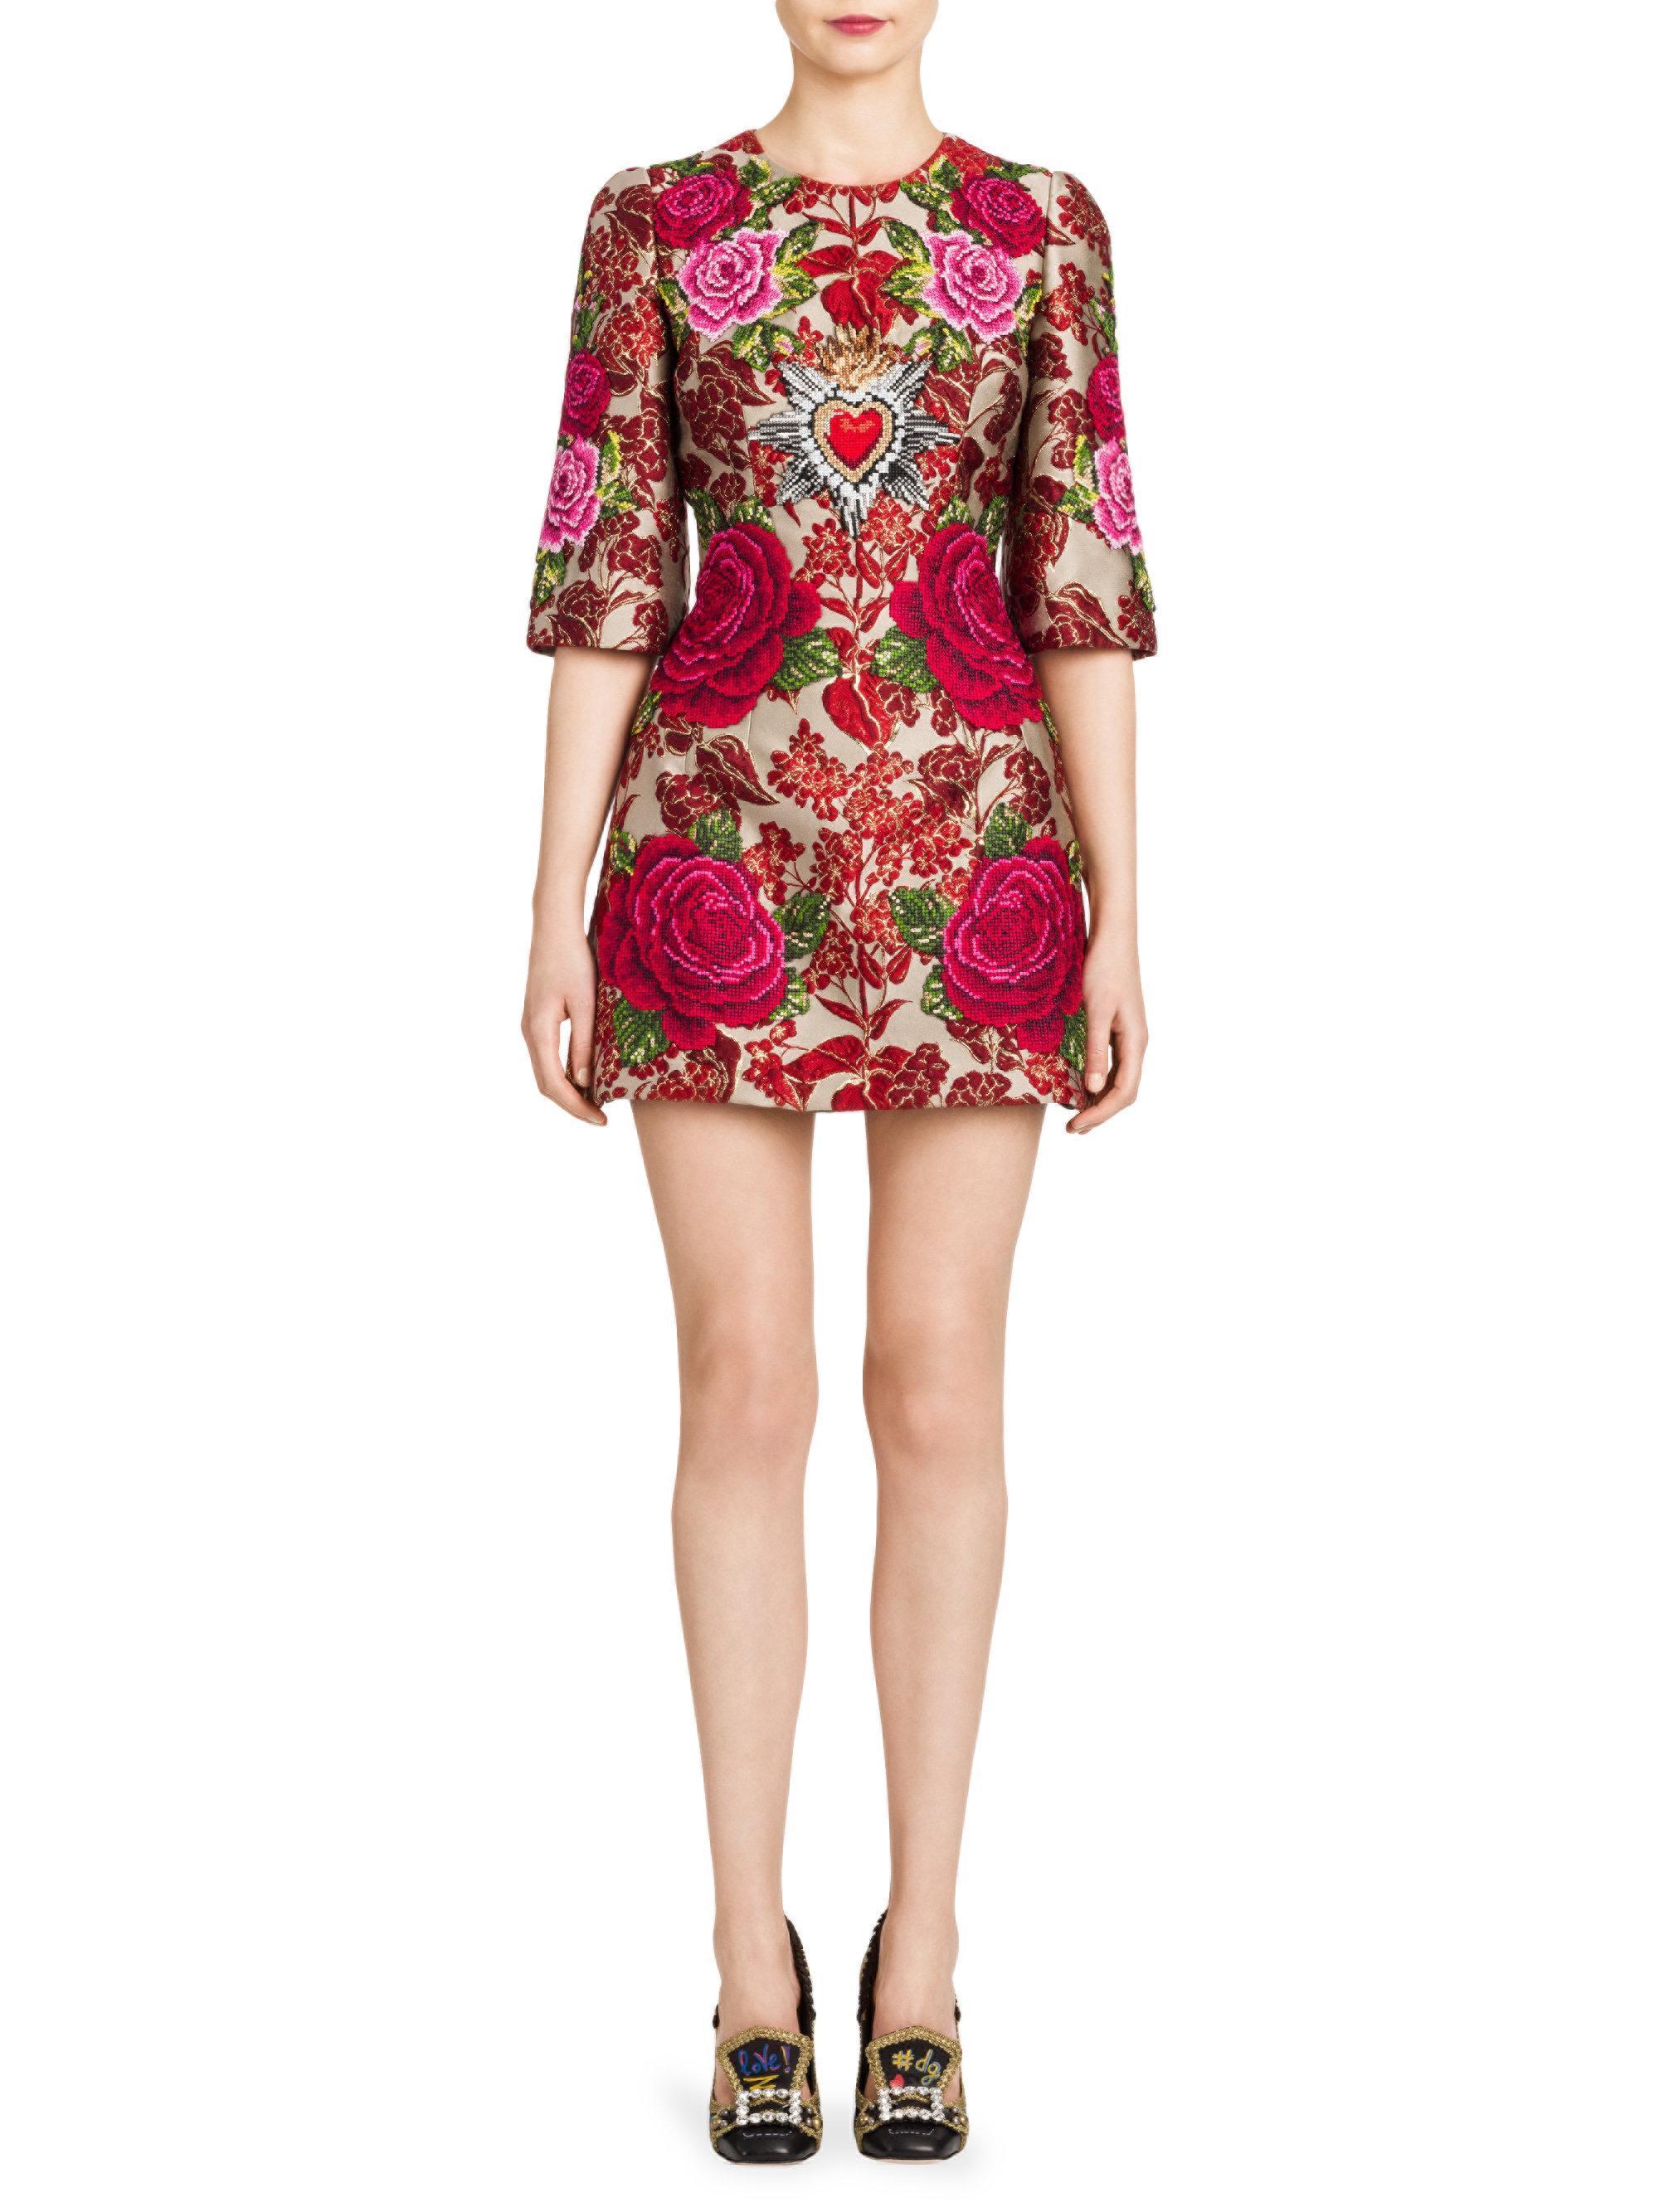 dolce e gabbana dress - Ecosia 0363421e88914